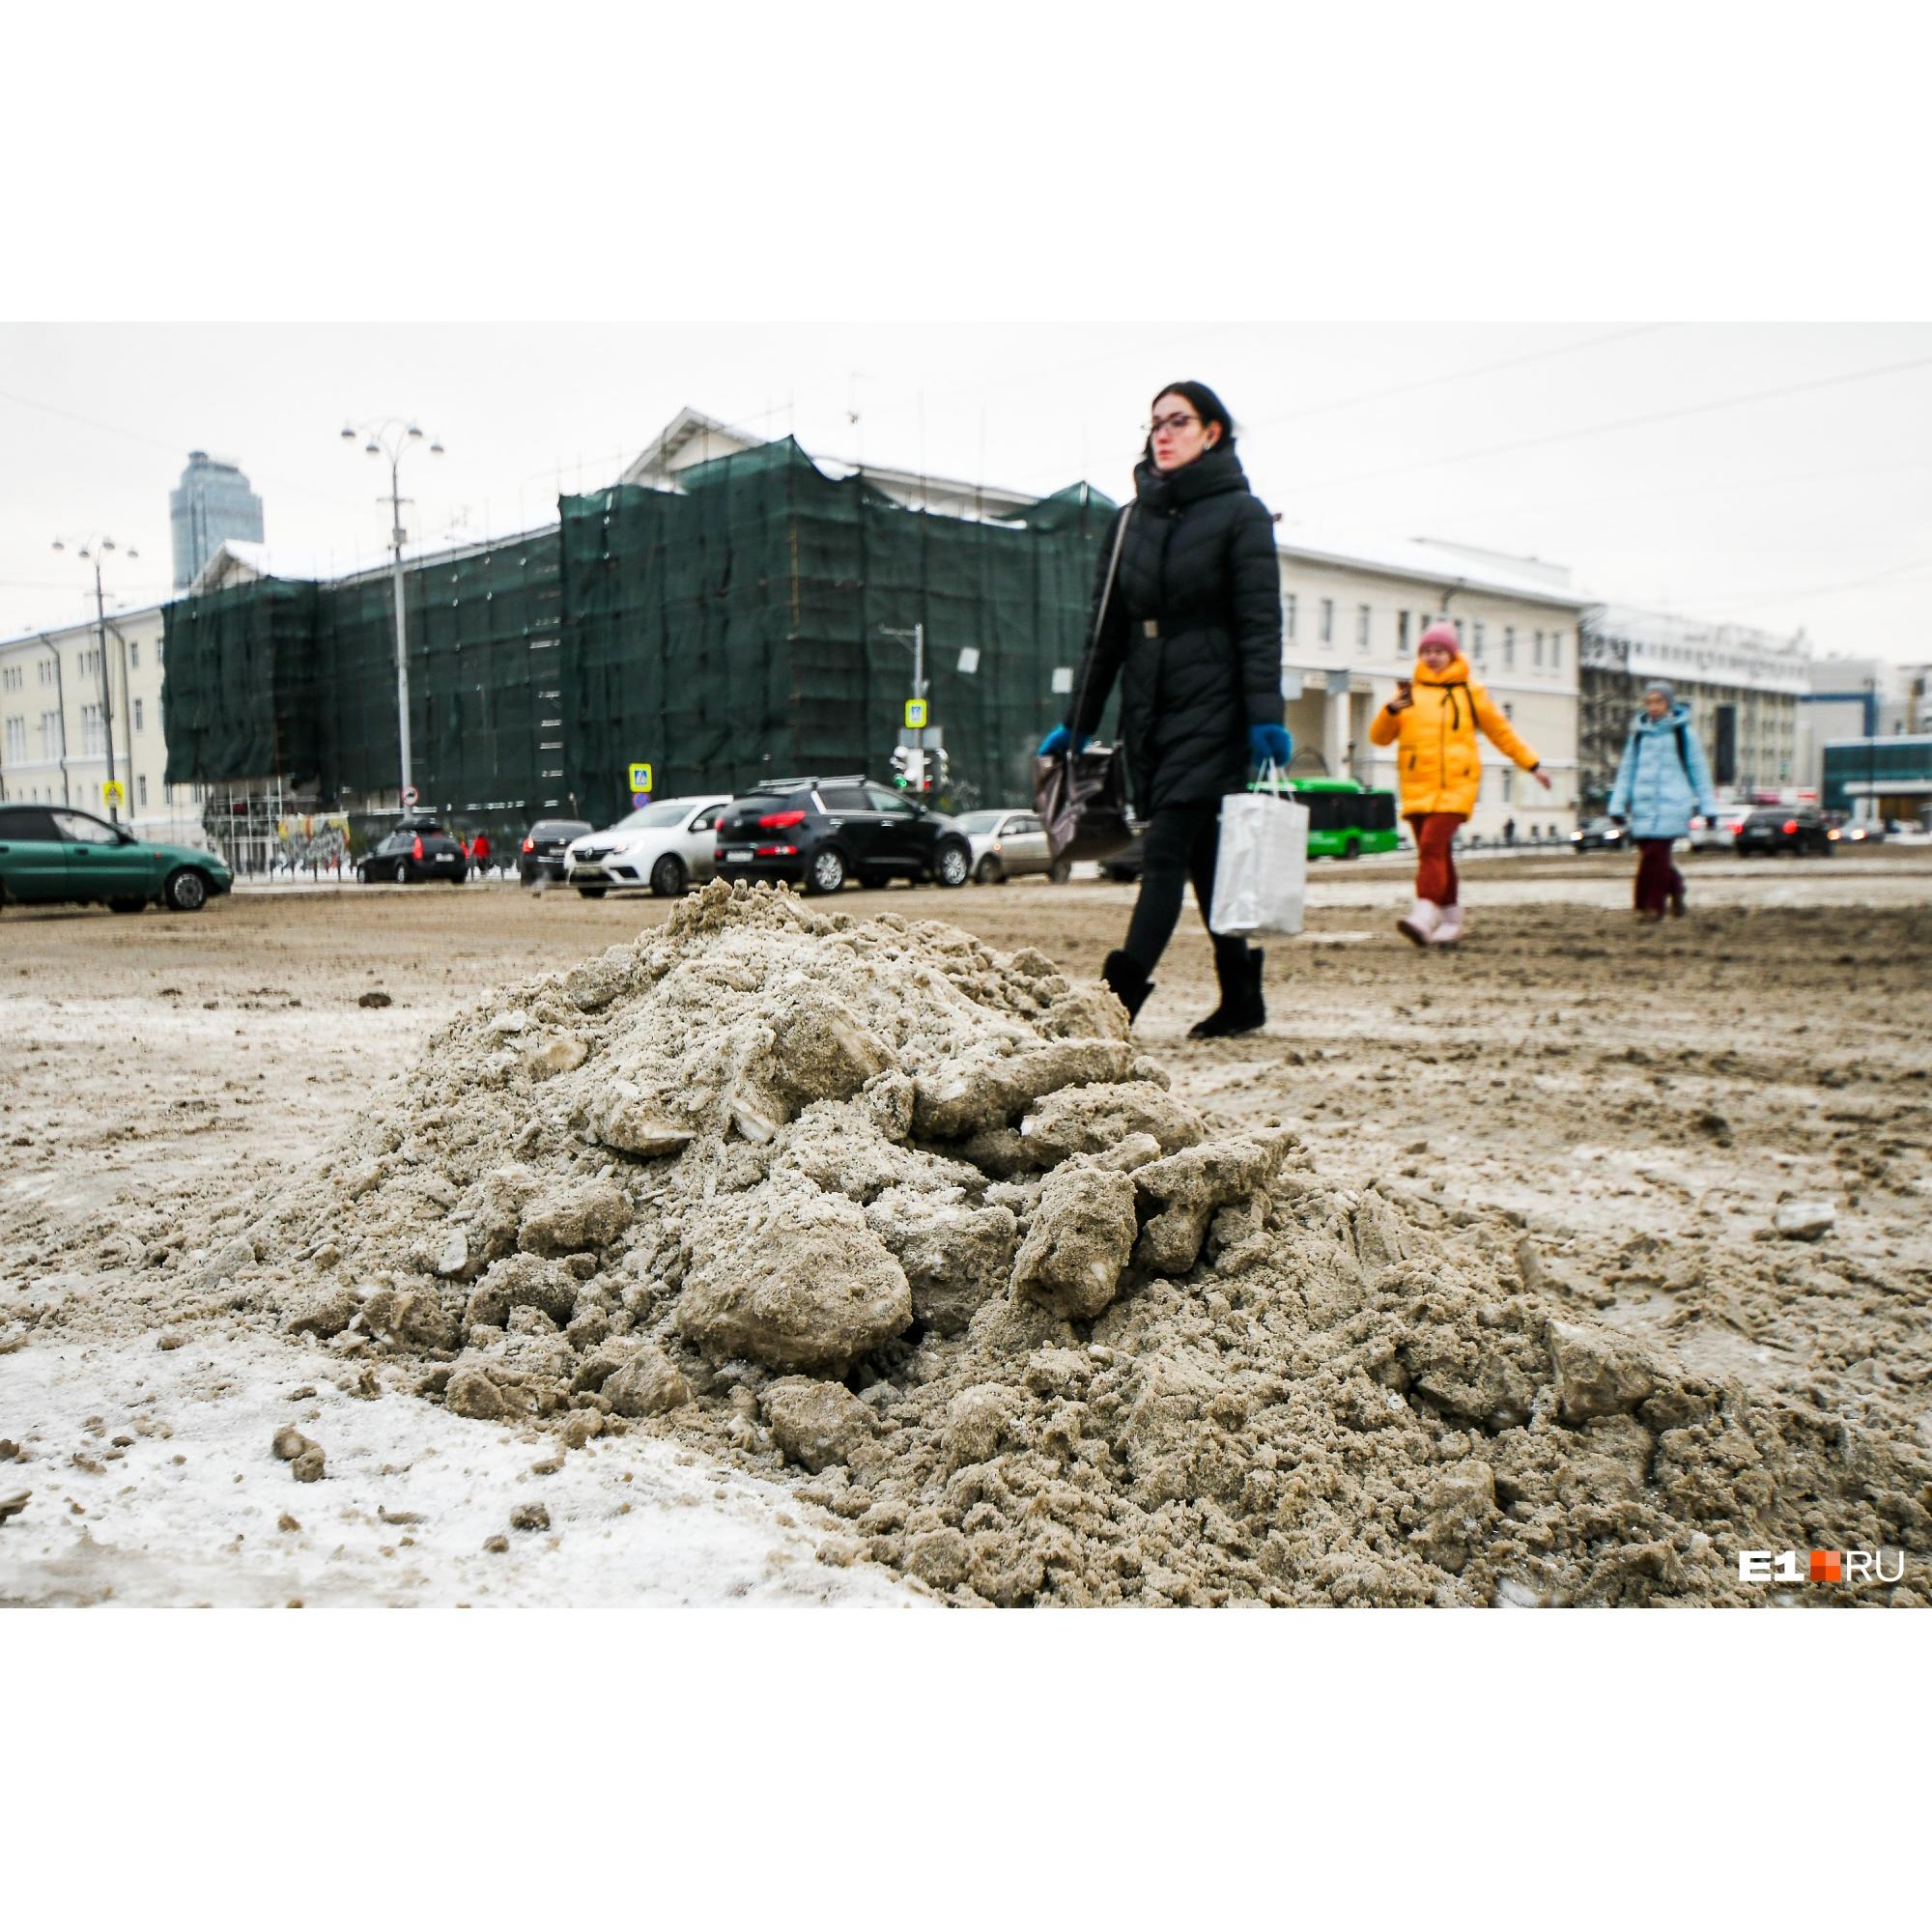 Власти пообещали очистить сначала центр, потом другие районы города